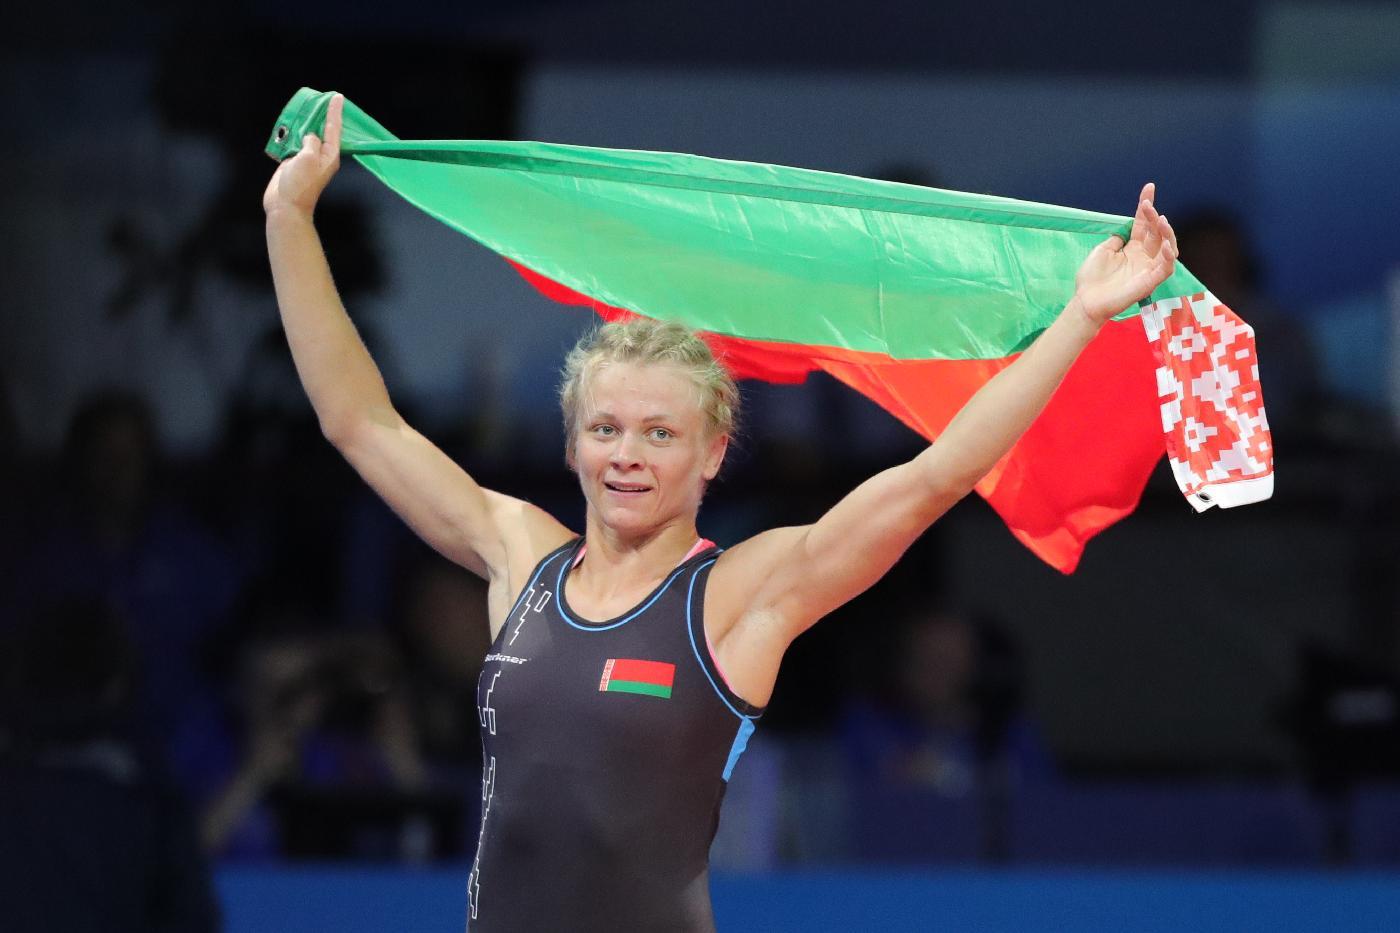 ВМогилевской области определили лучшую десятку спортсменов поитогам 2020 года